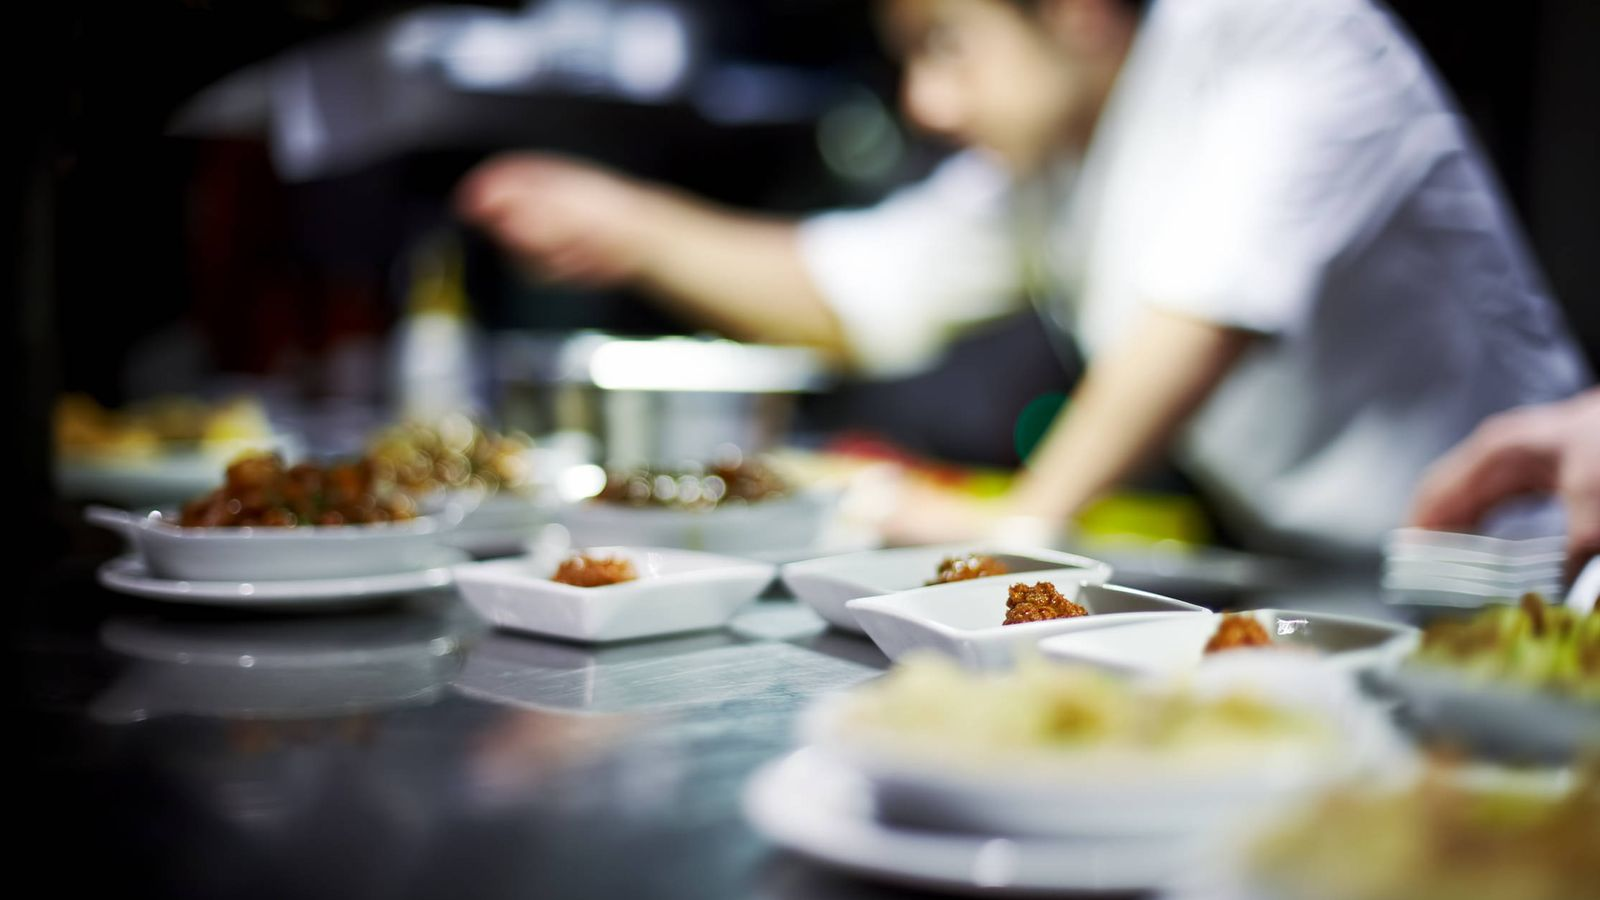 Beautiful Trucos: Los Grandes Trucos De Cocina De Los Mejores Chefs Que Puedes Copiar  En Casa